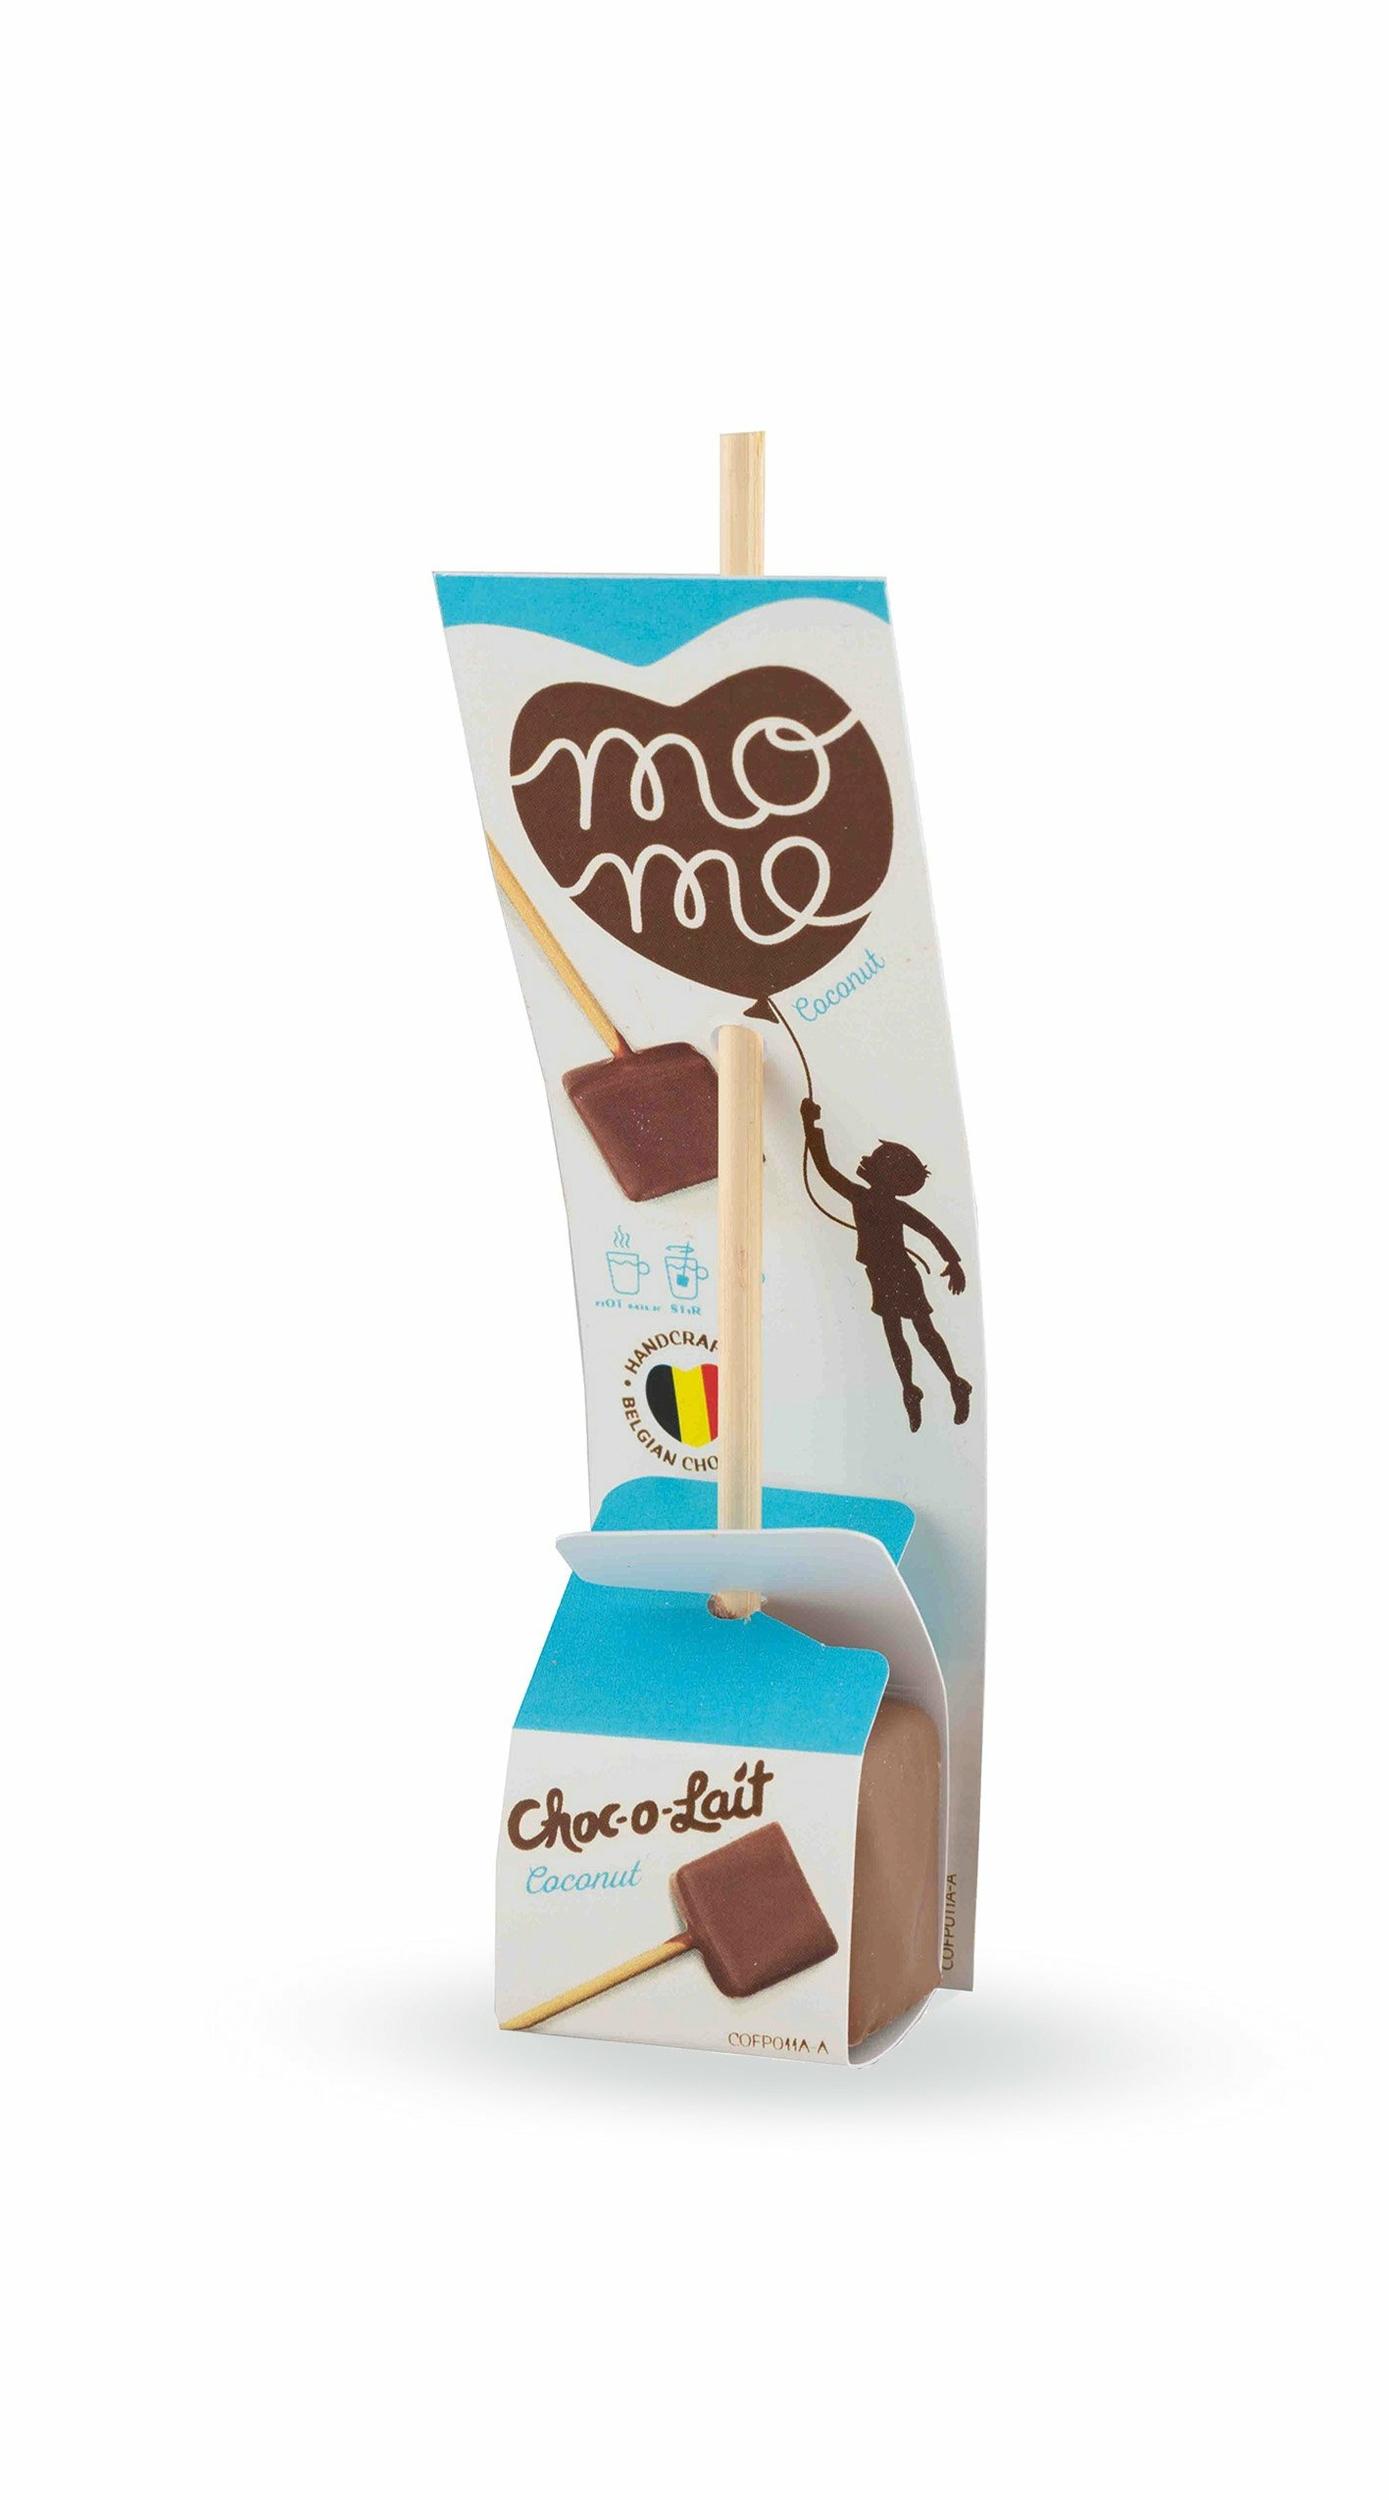 Choc-o-lait -Bâtonnet de Chocolat à la Noix de Coco - 33g - OFFRE SPECIALE DLC 27 NOVEMBRE